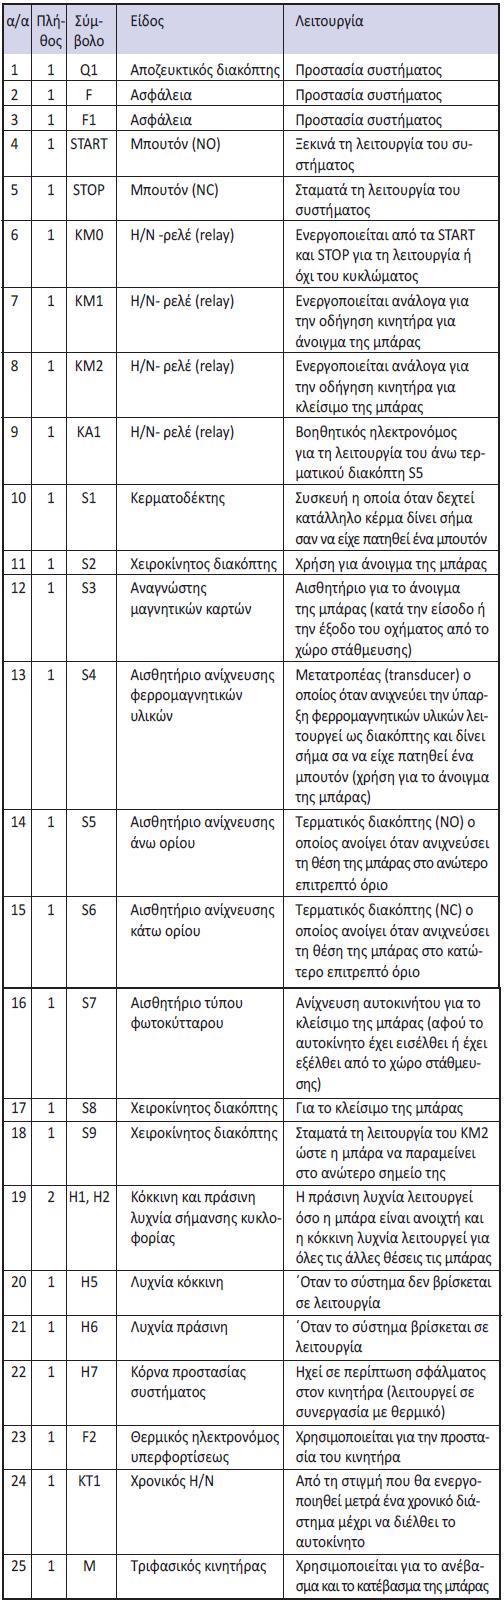 Πίνακας 7.4: Χρησιμοποιούμενες συσκευές και στοιχεία αυτοματισμού